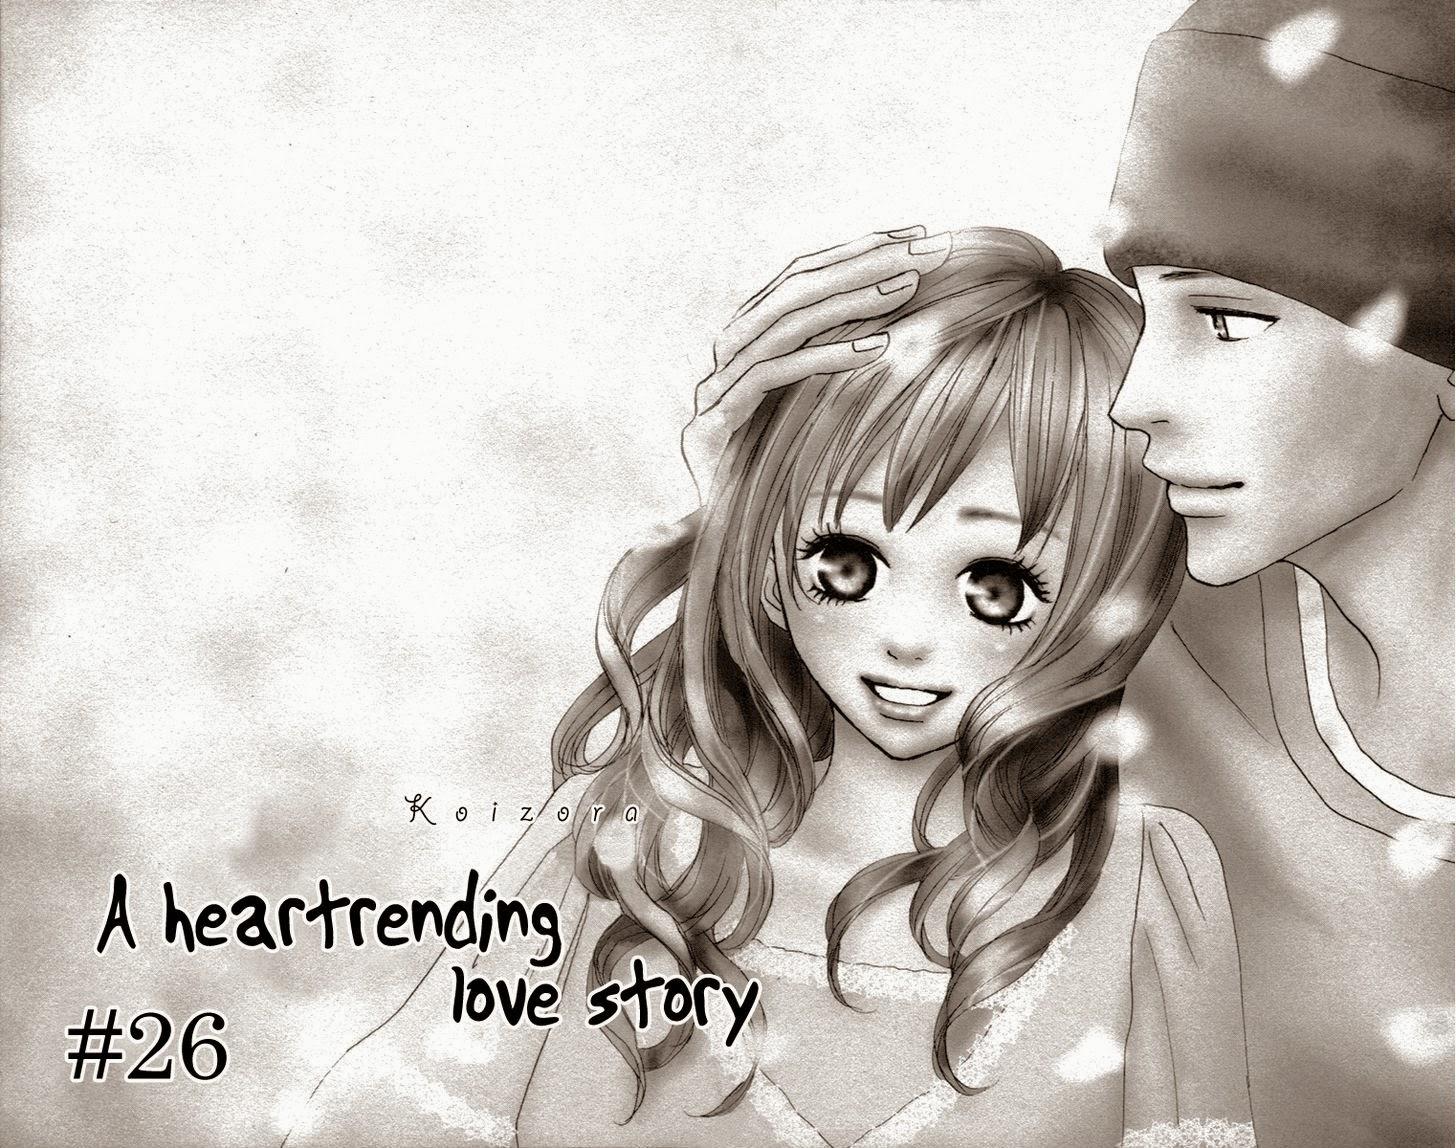 Kumpulan Cerita Sedih Cinta Mengharukan